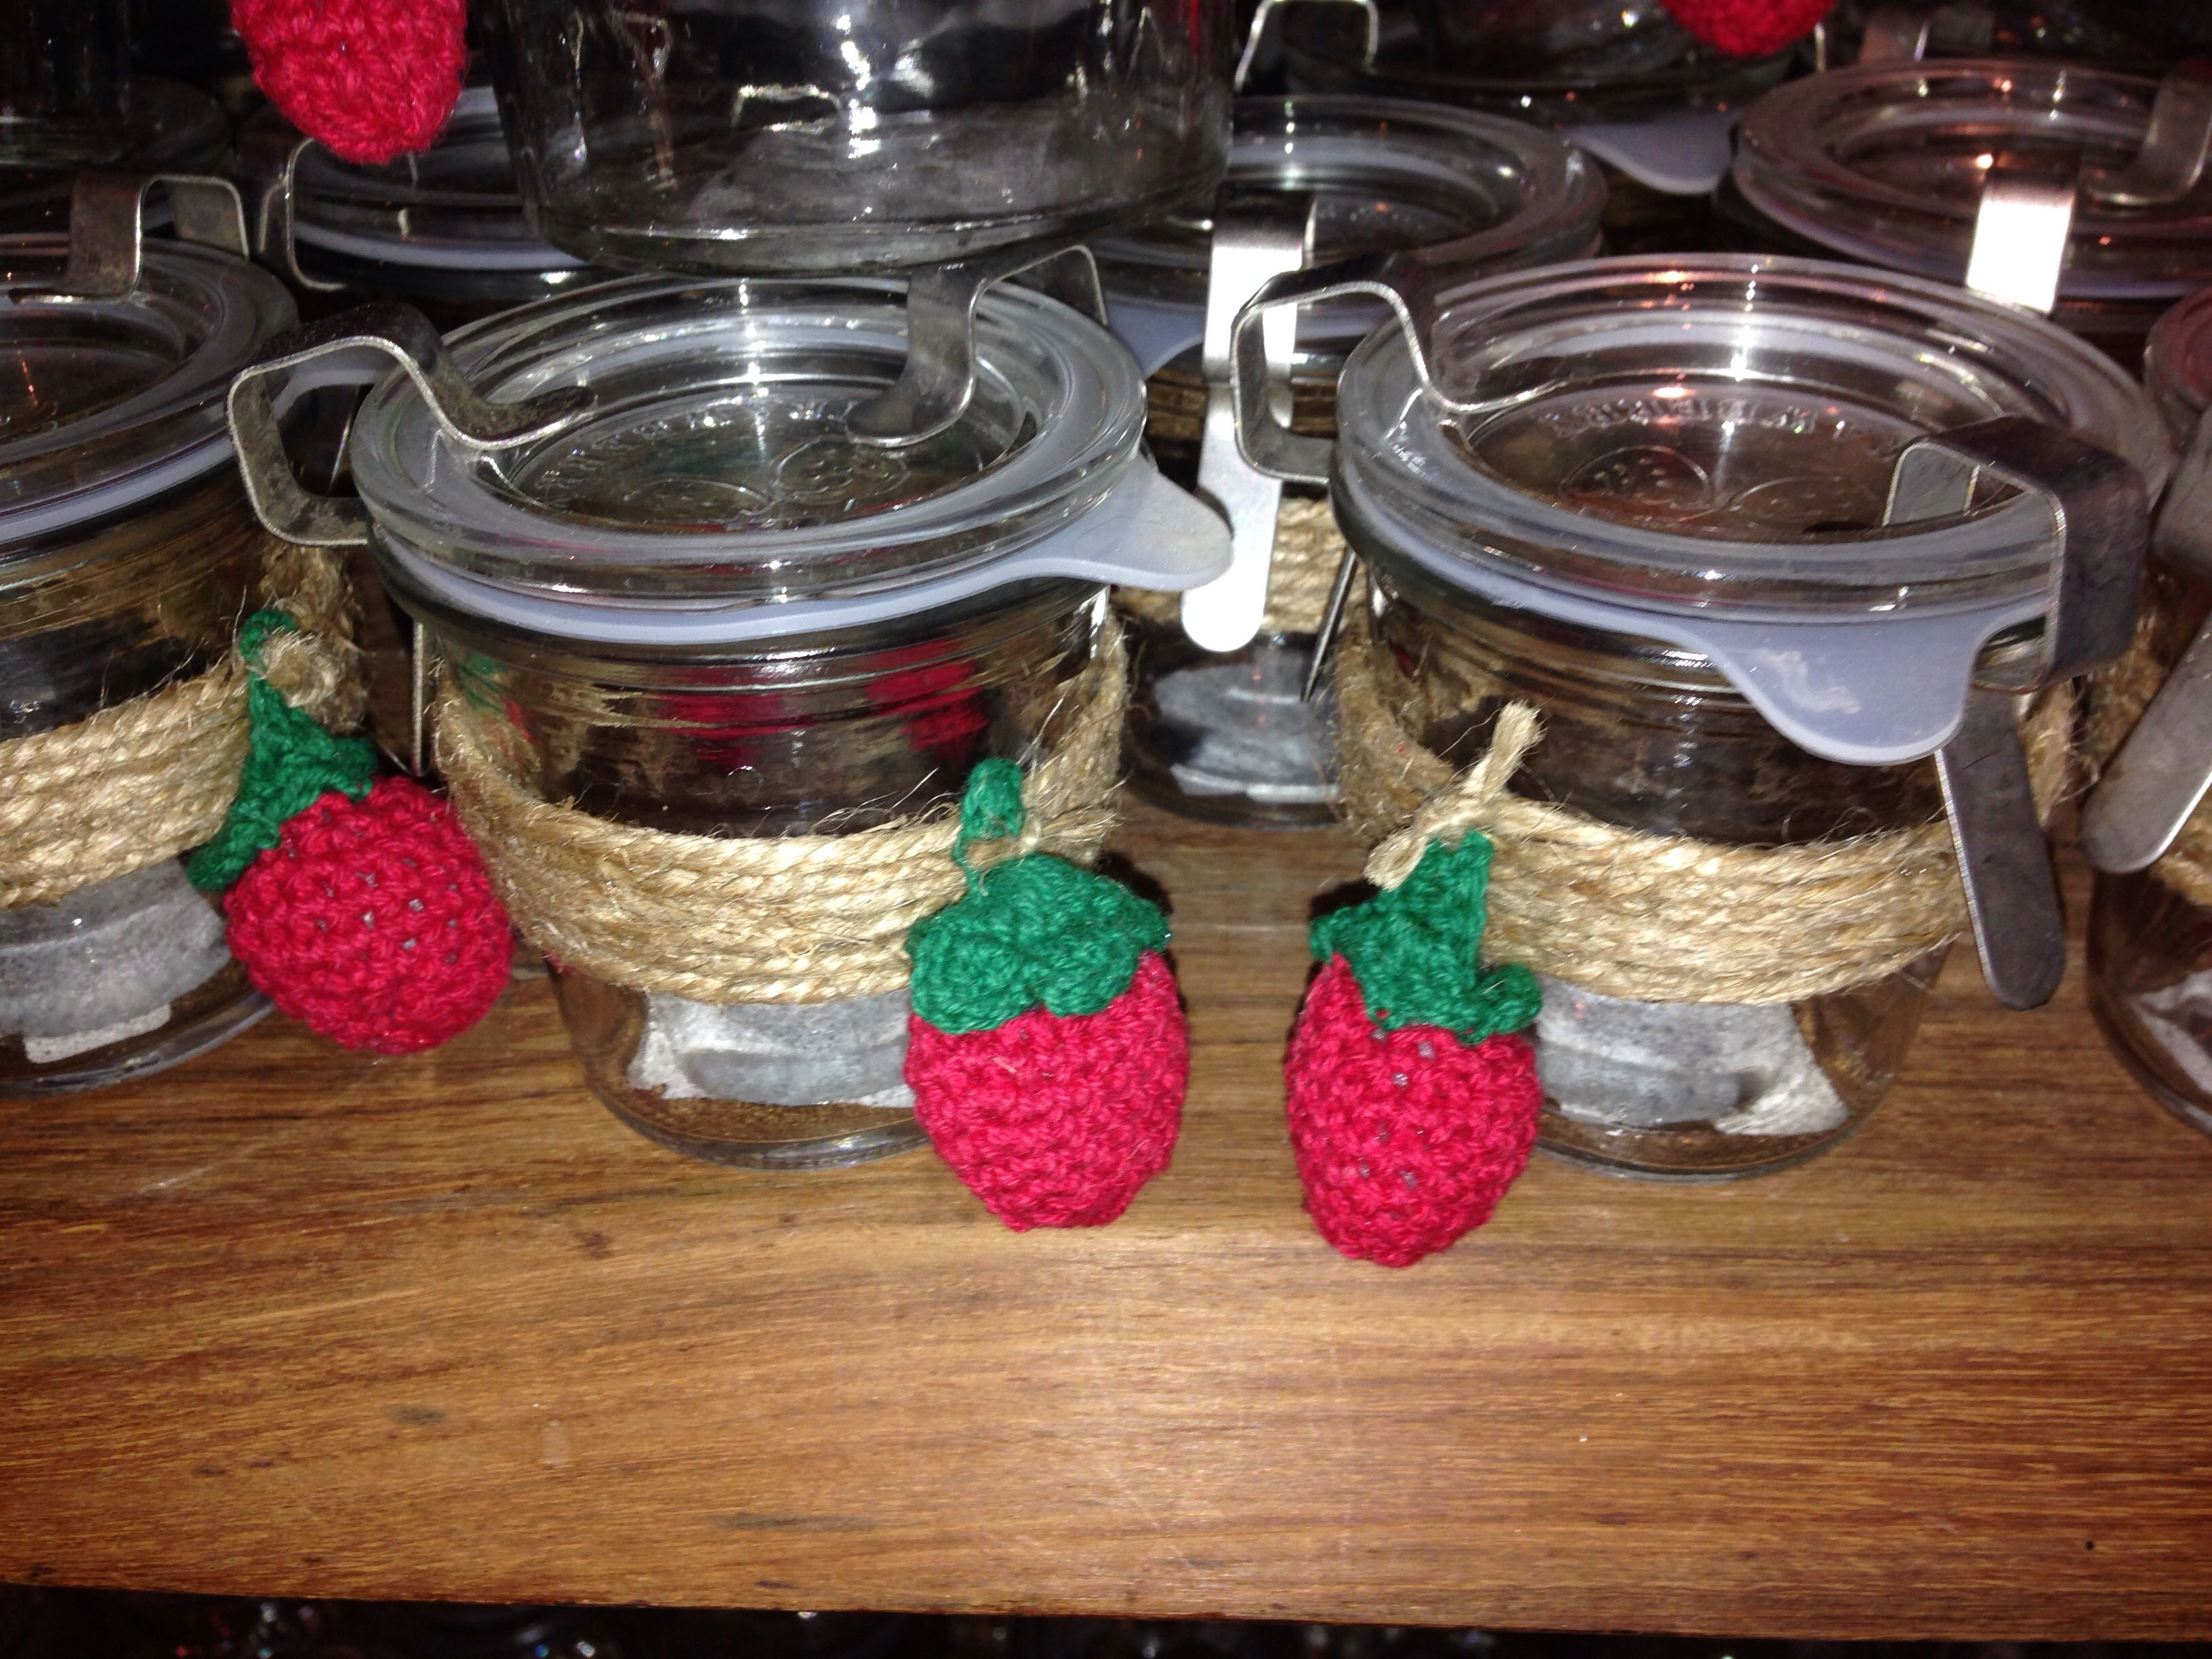 Um selbstgemachte Marmelade zu verschenken